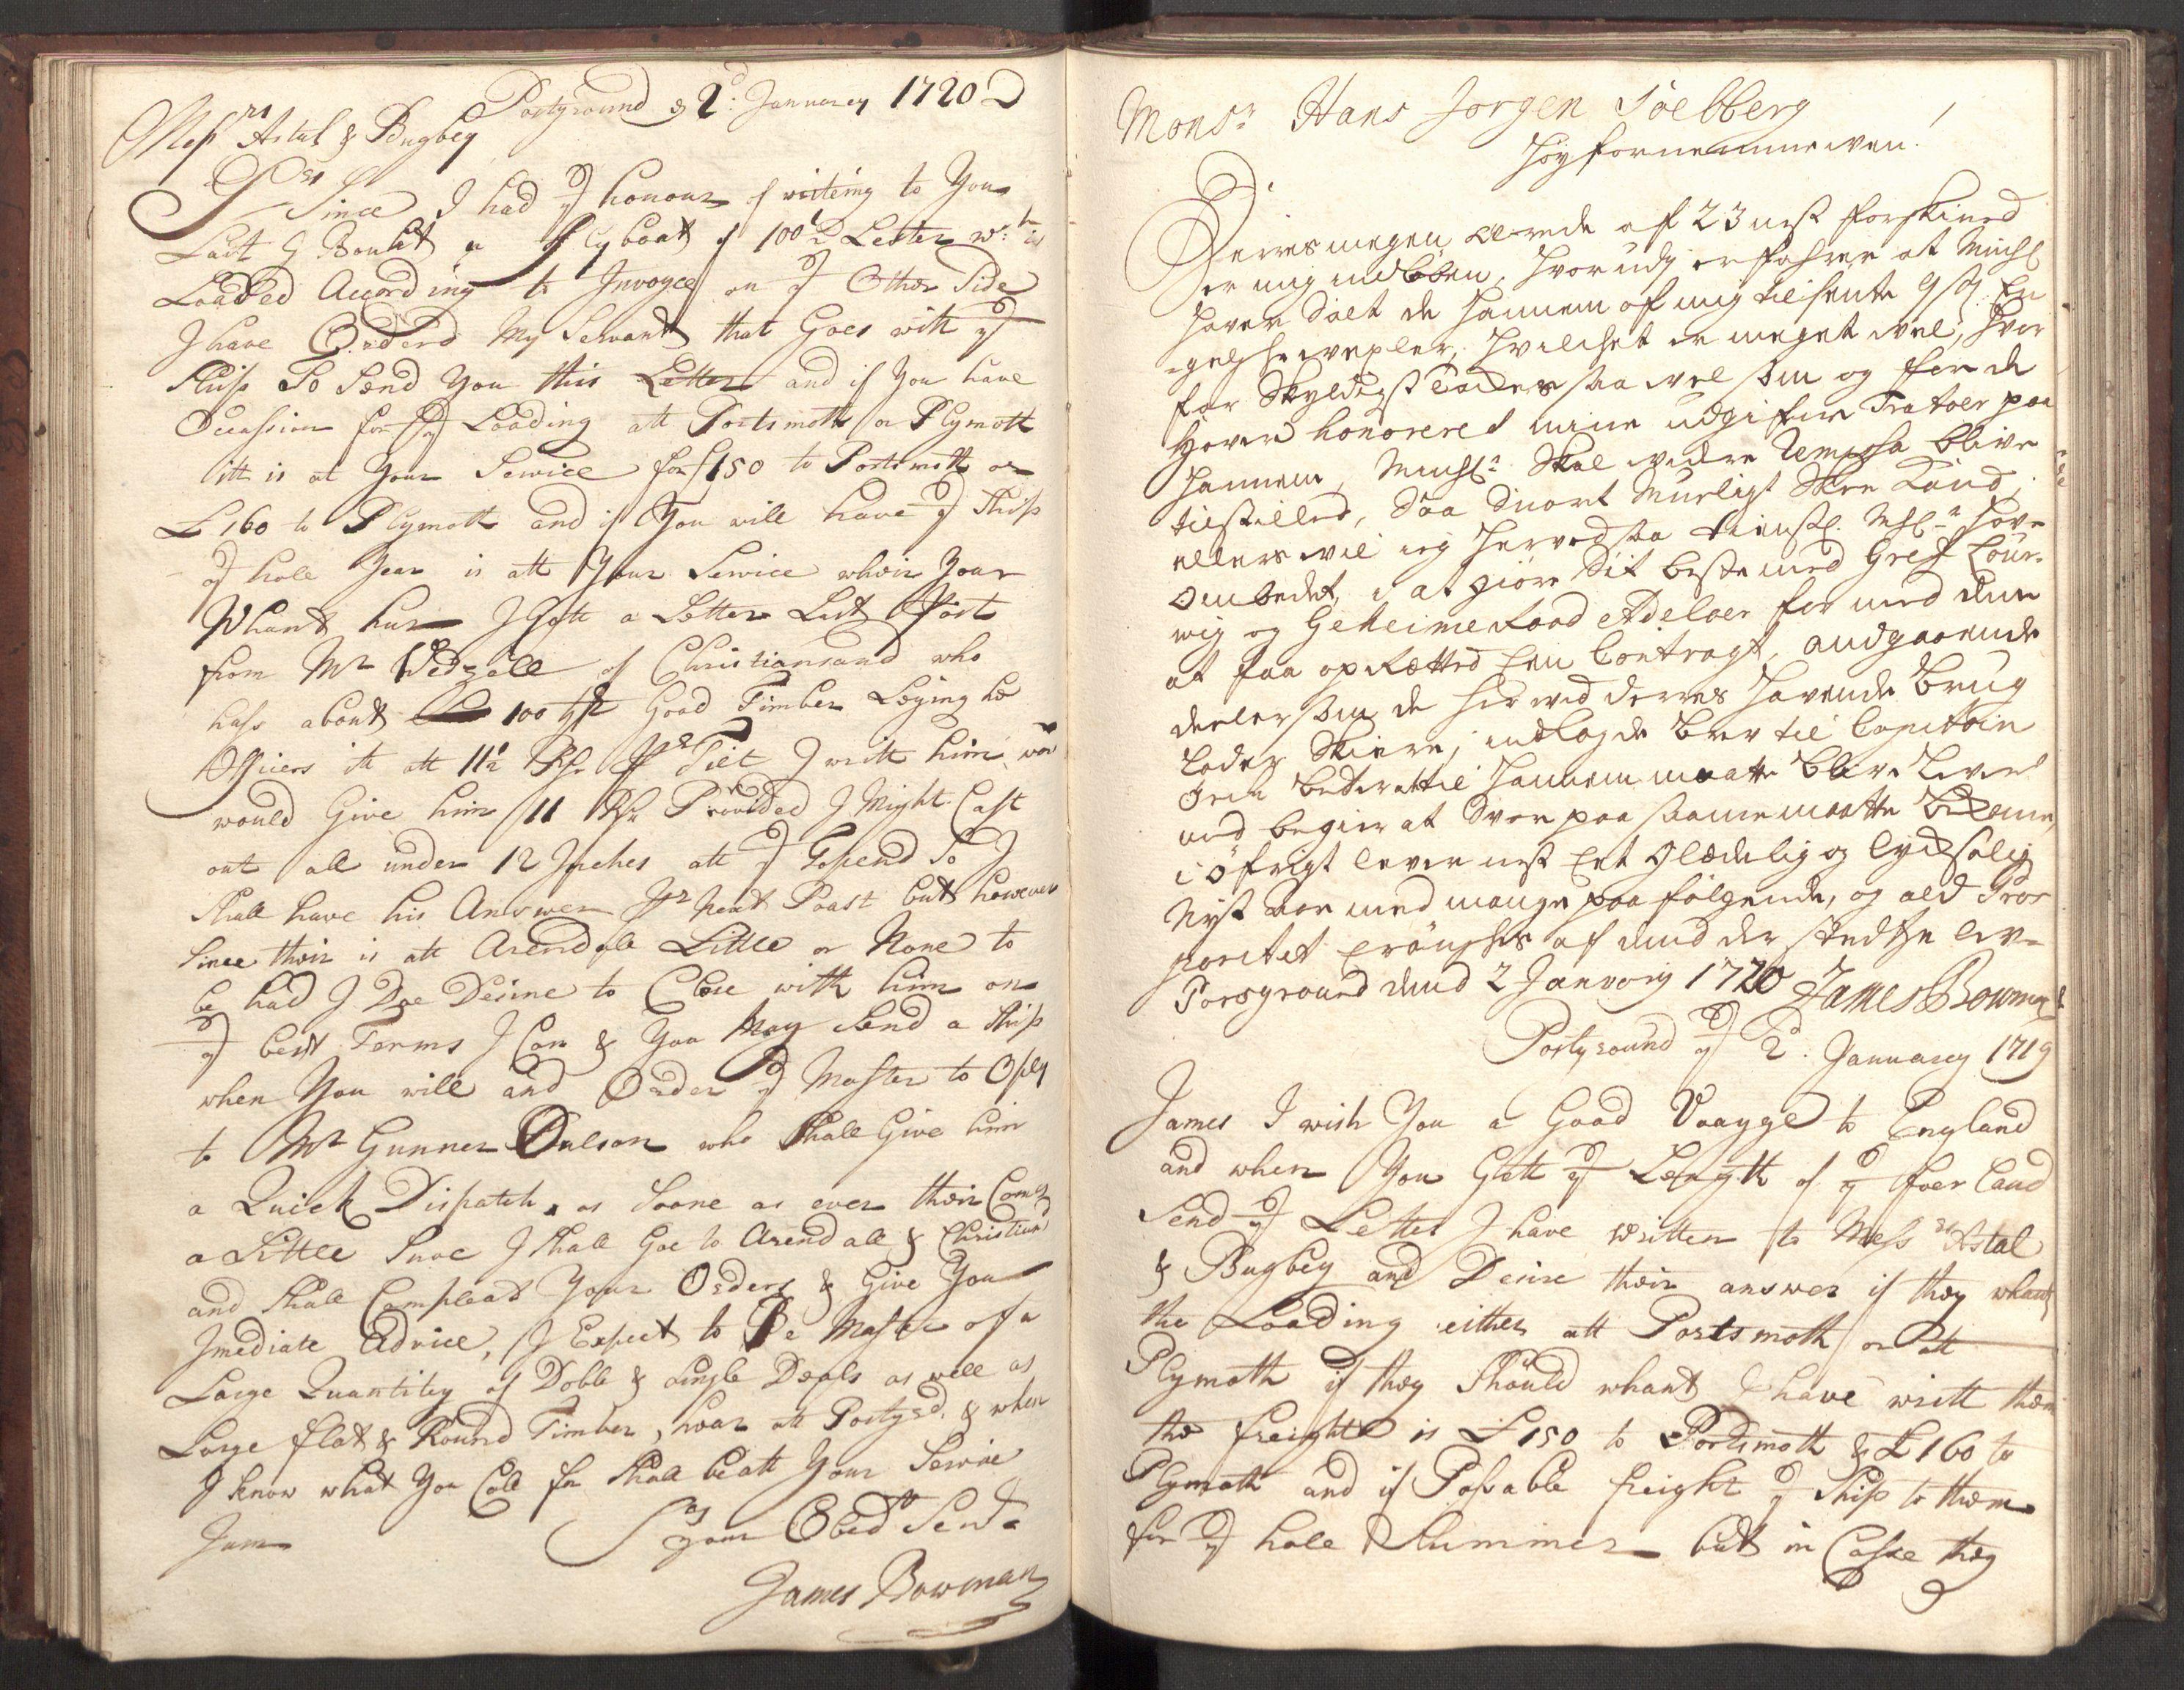 RA, Bowman, James, B/L0001, 1719-1720, s. 38